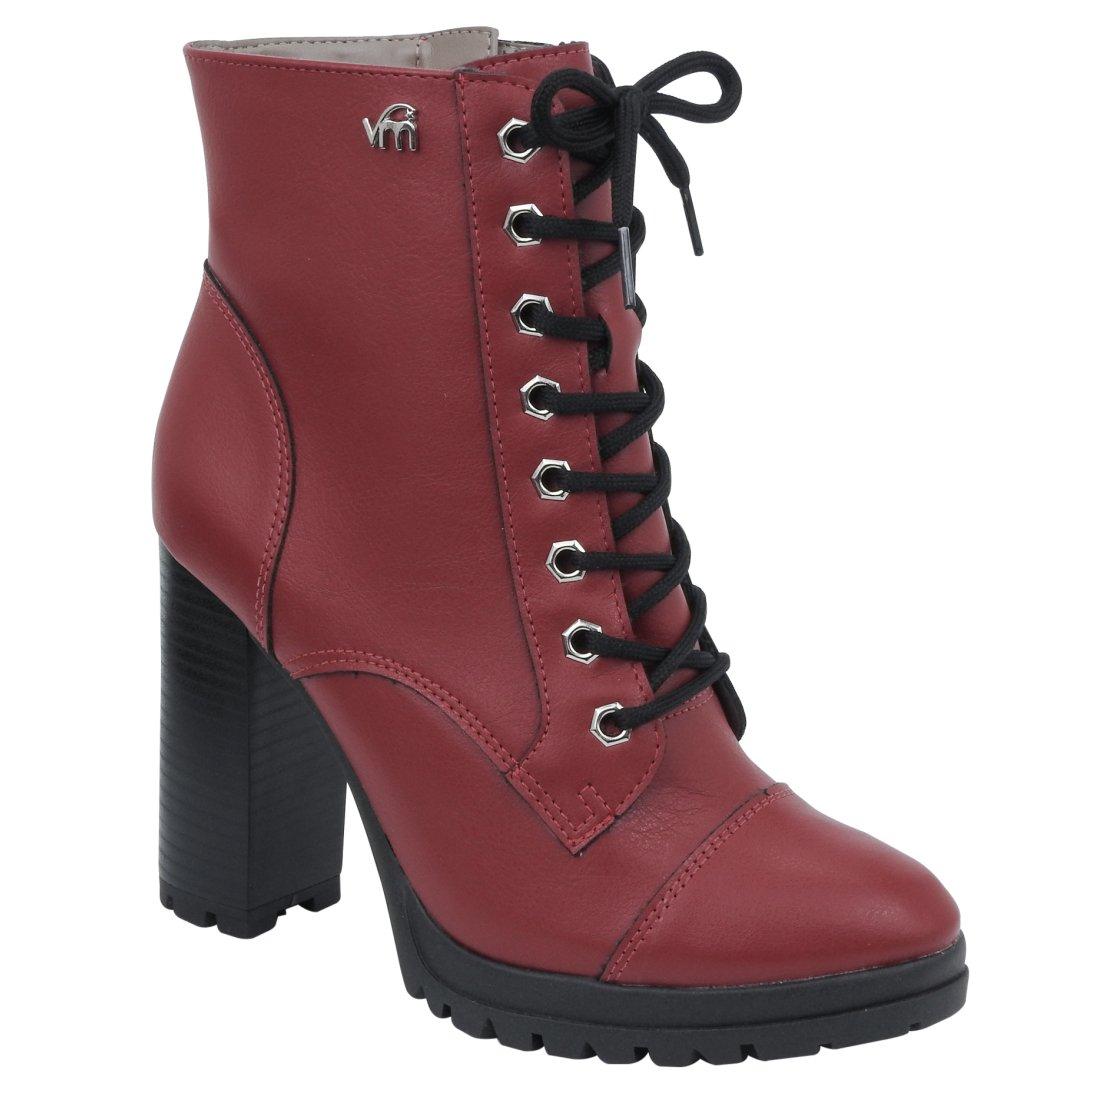 d149cd4b0 Bota Ankle Boot Via Marte 18-903 - Barolo (Napa) - Botas Online ...